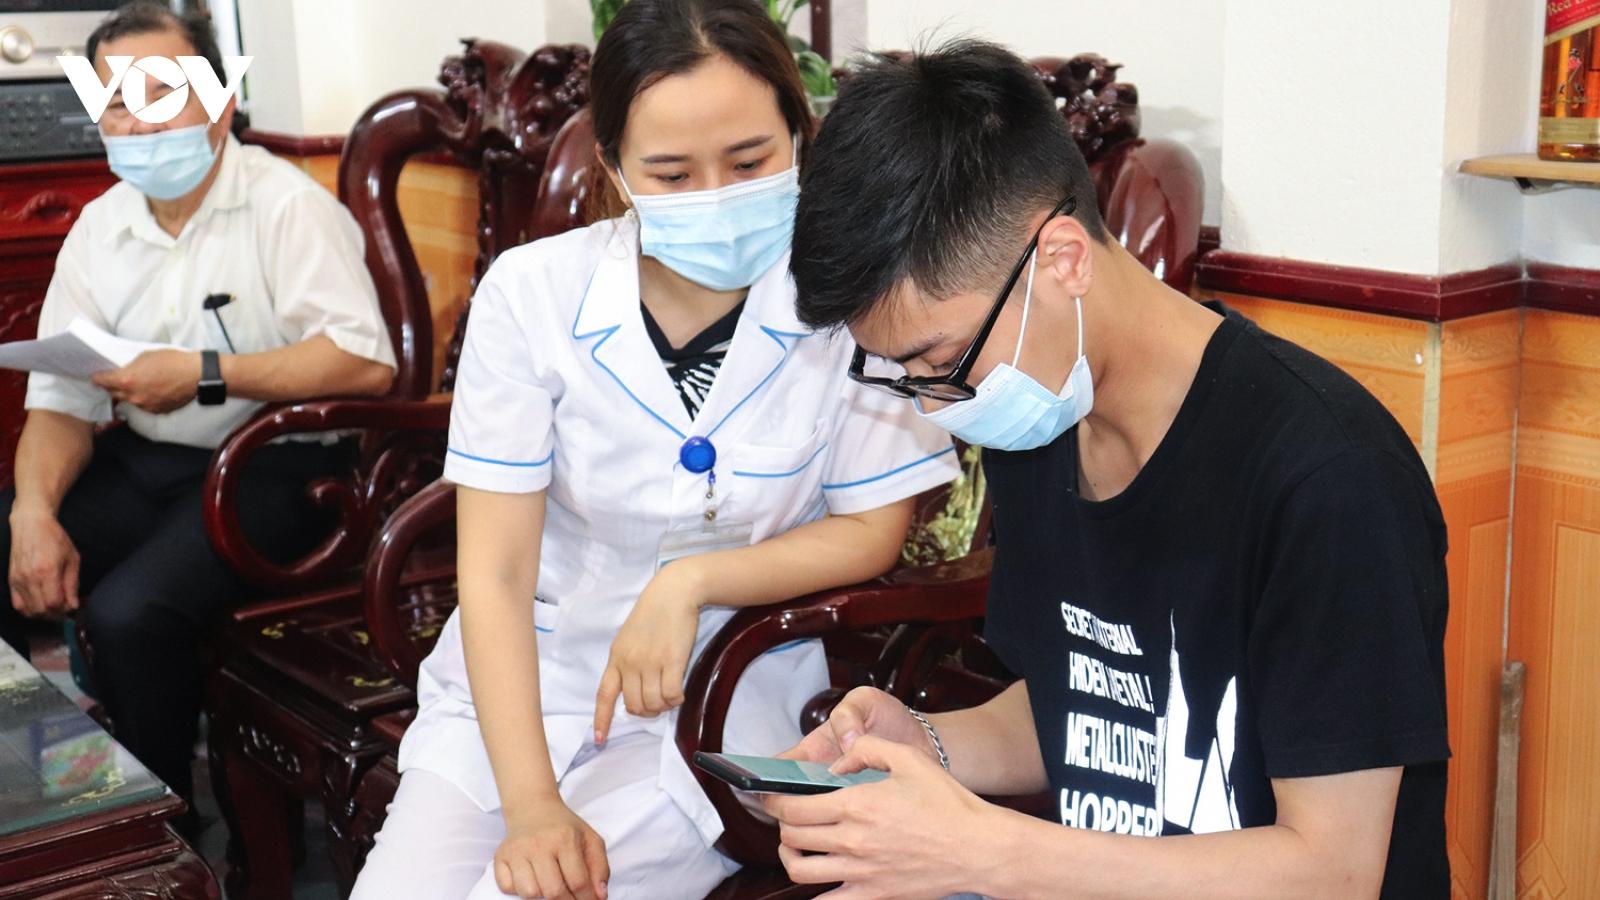 Quảng Ninh thực hiện khai báo y tế toàn dân lần thứ 4